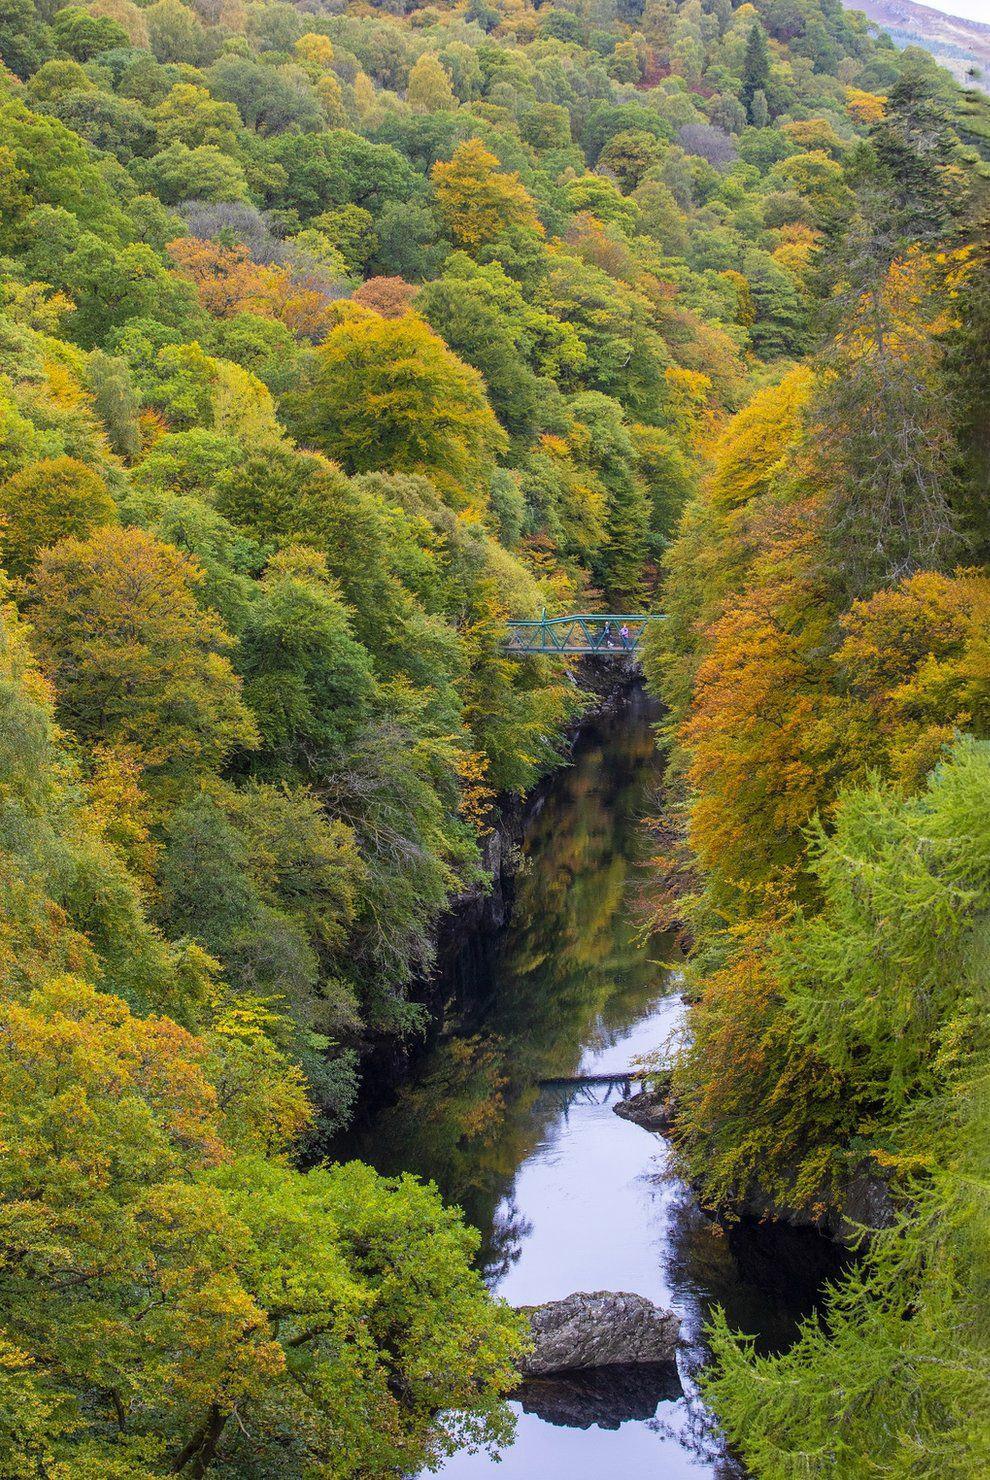 Міст через річку Гаррі біля села Кіллікранкі, графство Пертшир